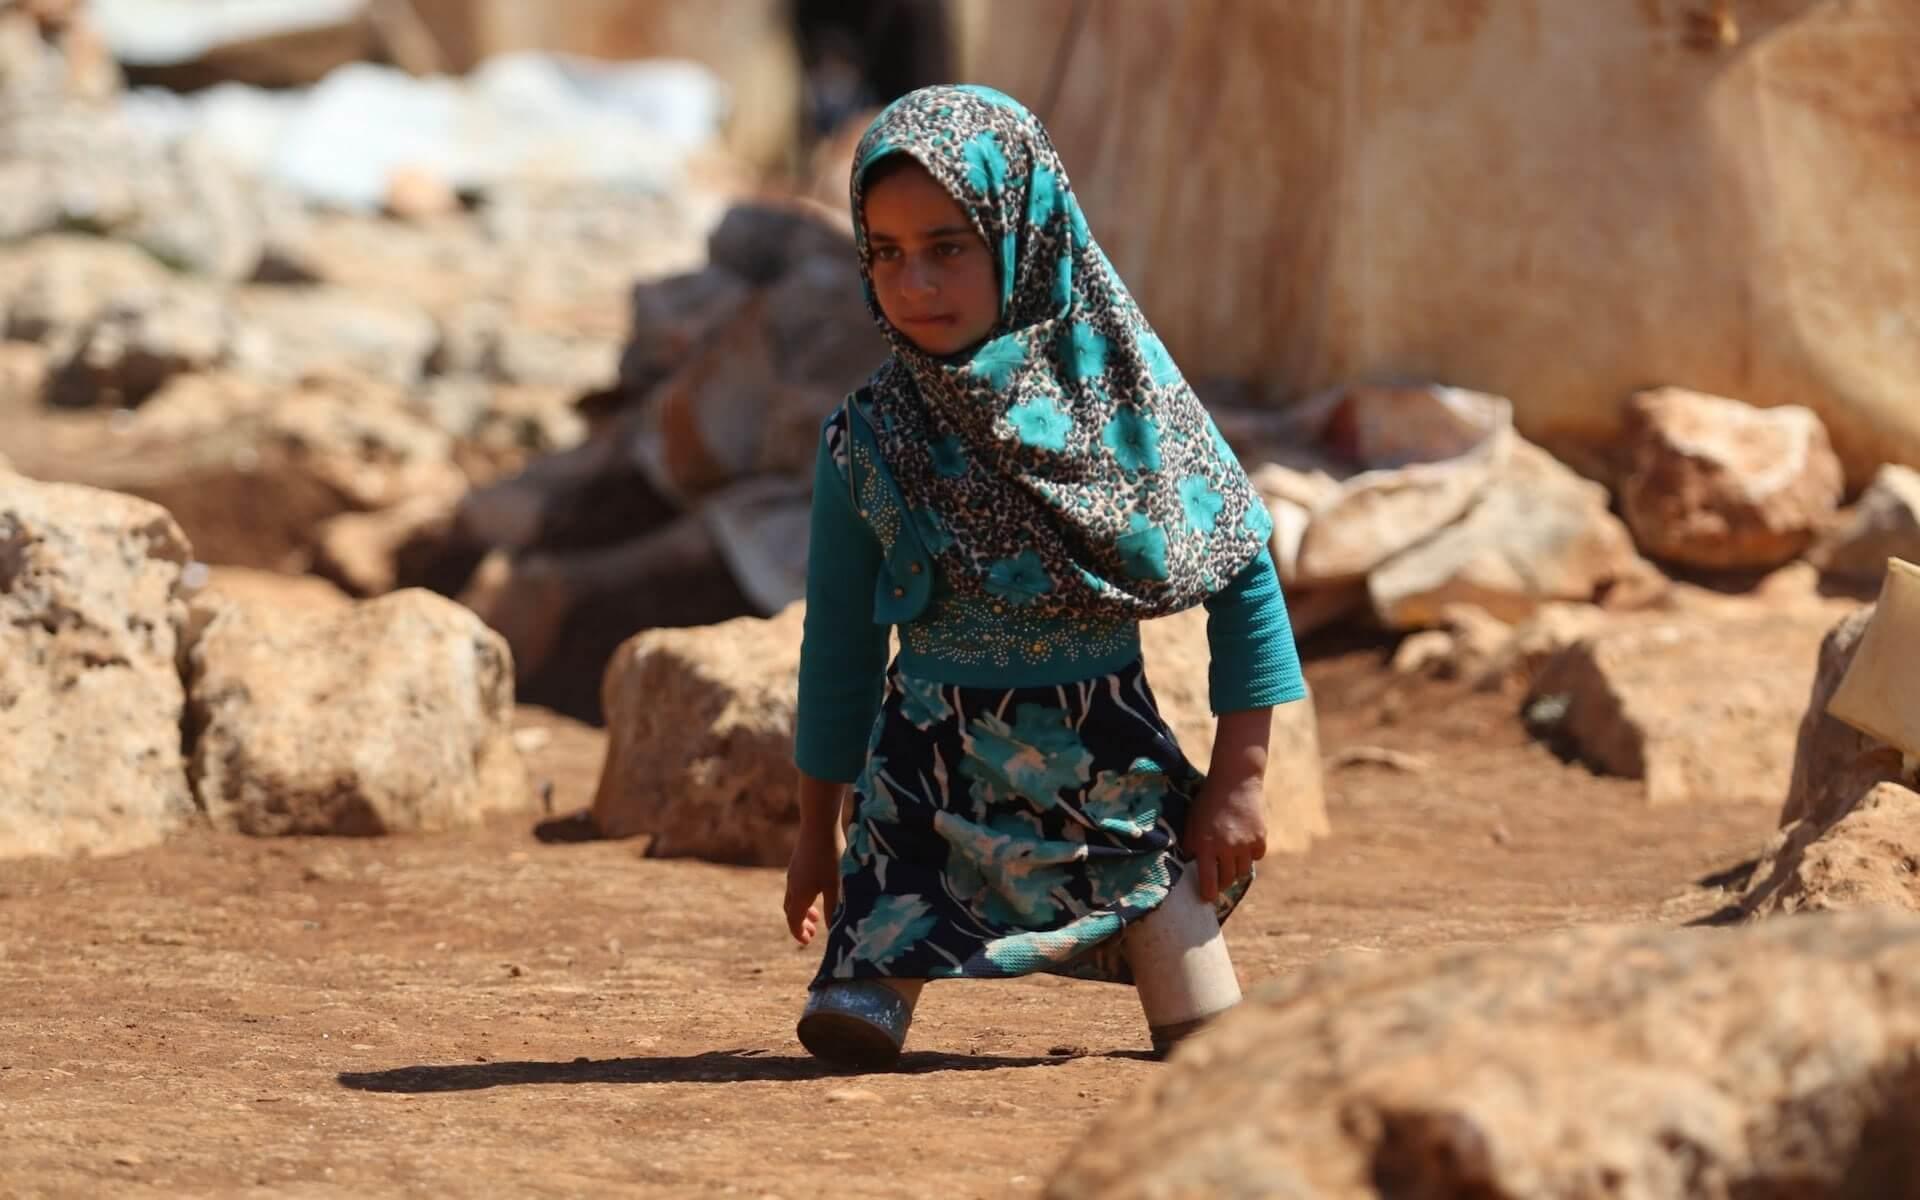 Κορίτσι από τη Συρία περπατά με κονσεβορκούτια